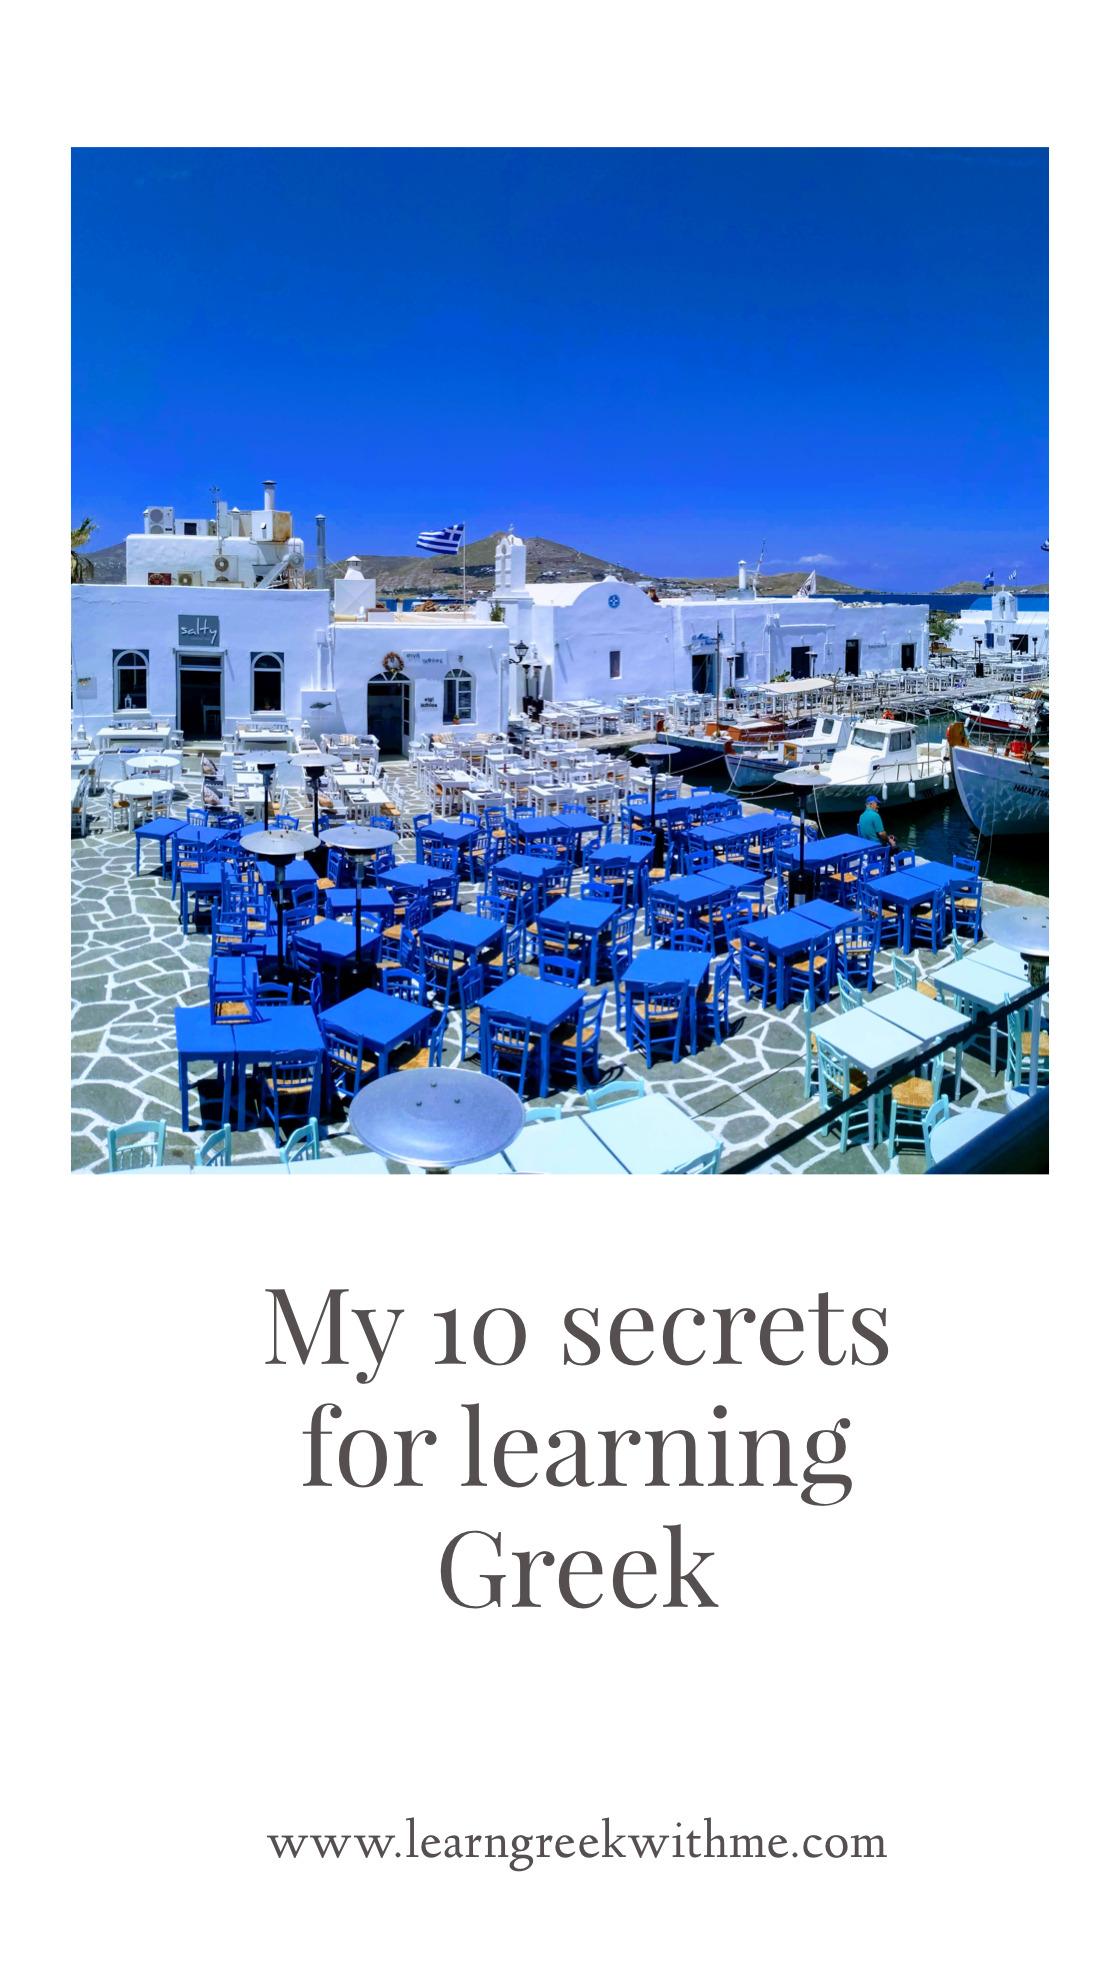 My 10 secrets for learning Greek!